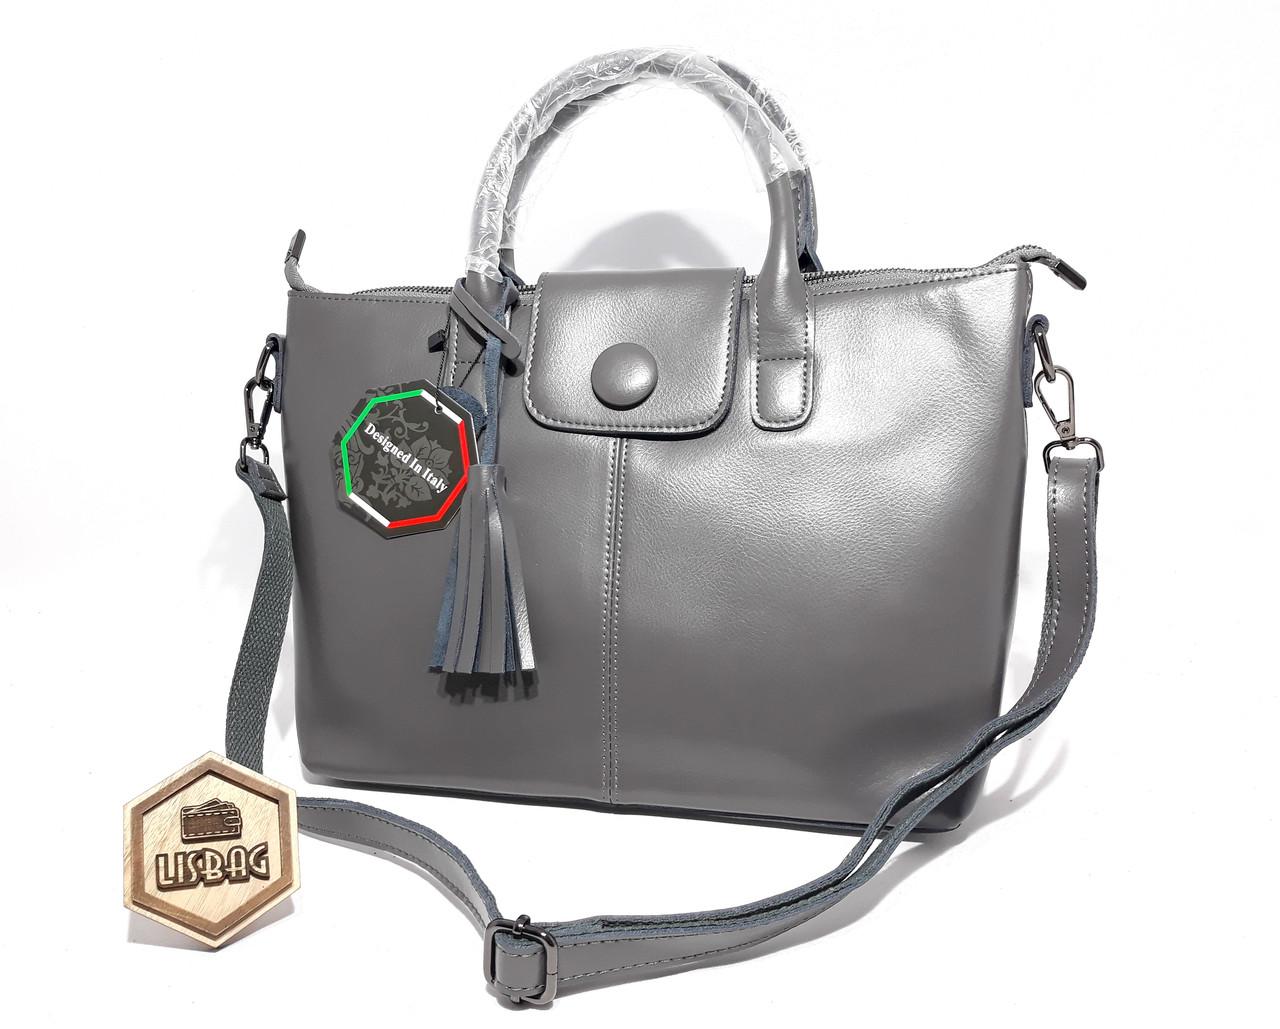 a5d47f94a832 Серая шикарная сумка большая кожаная женская для прогулок или деловых  встреч - Интернет магазин Lisbag в